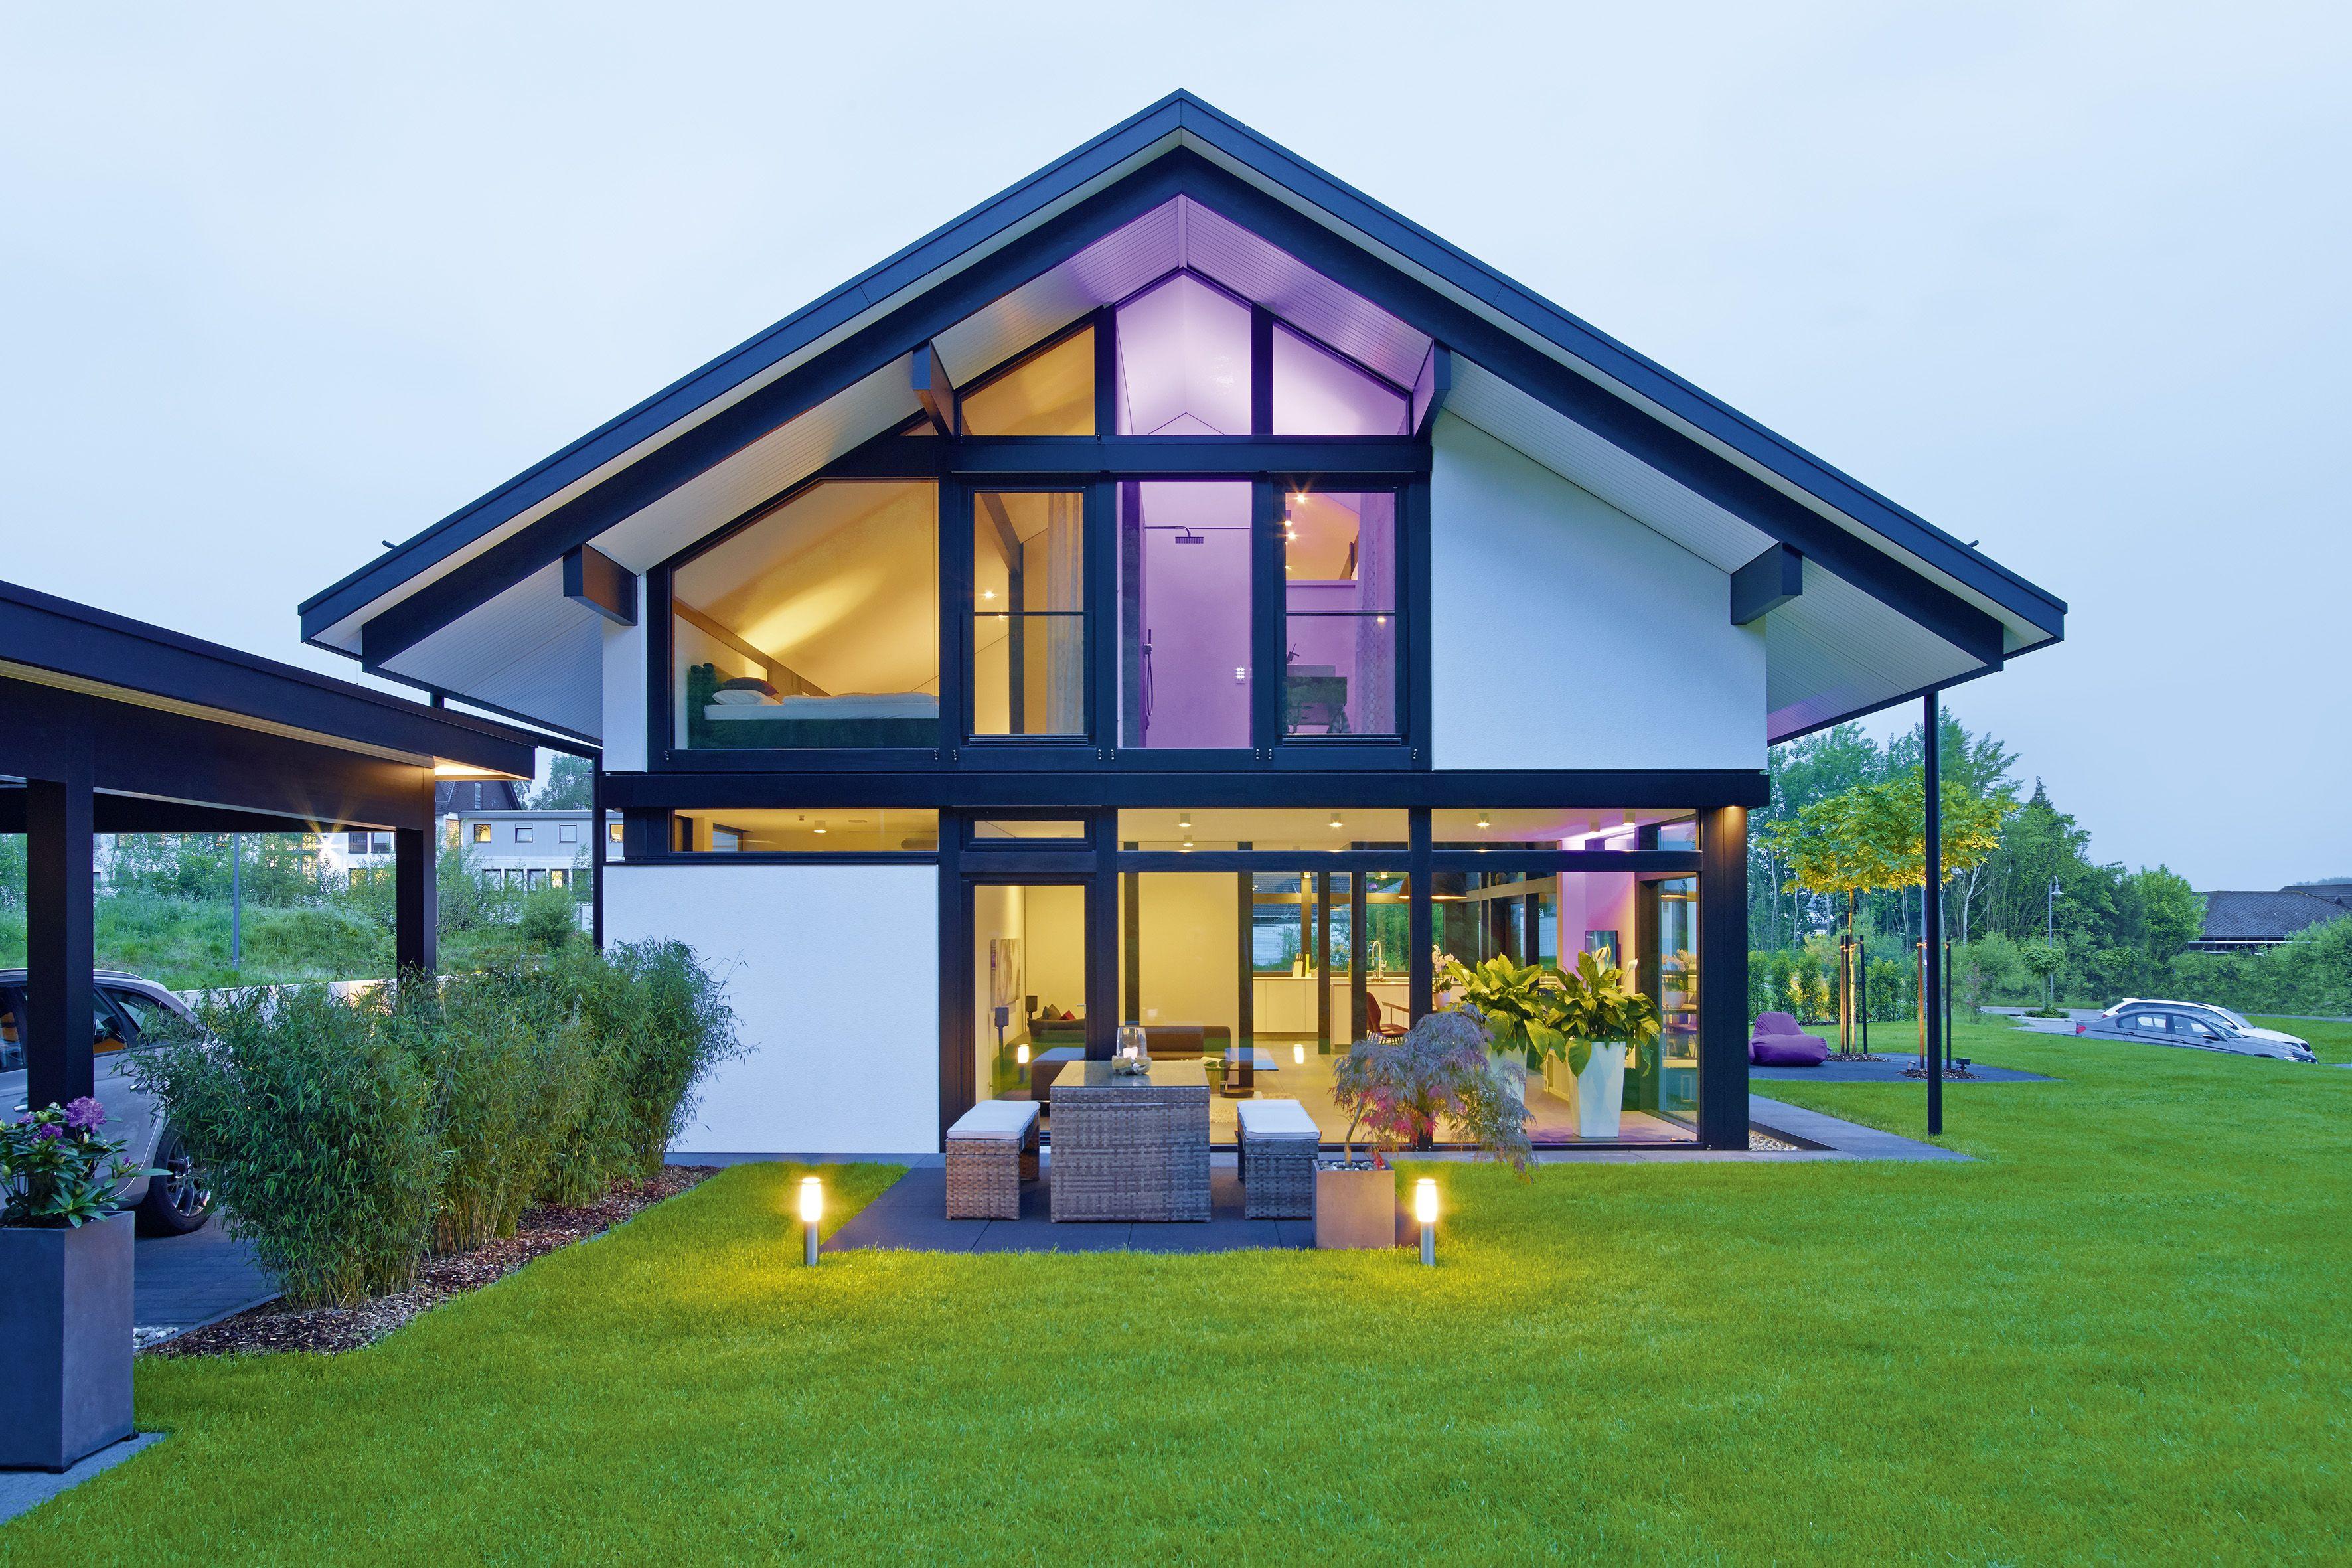 Das HUF Haus MODUM in eleganter ebenholzfarbener